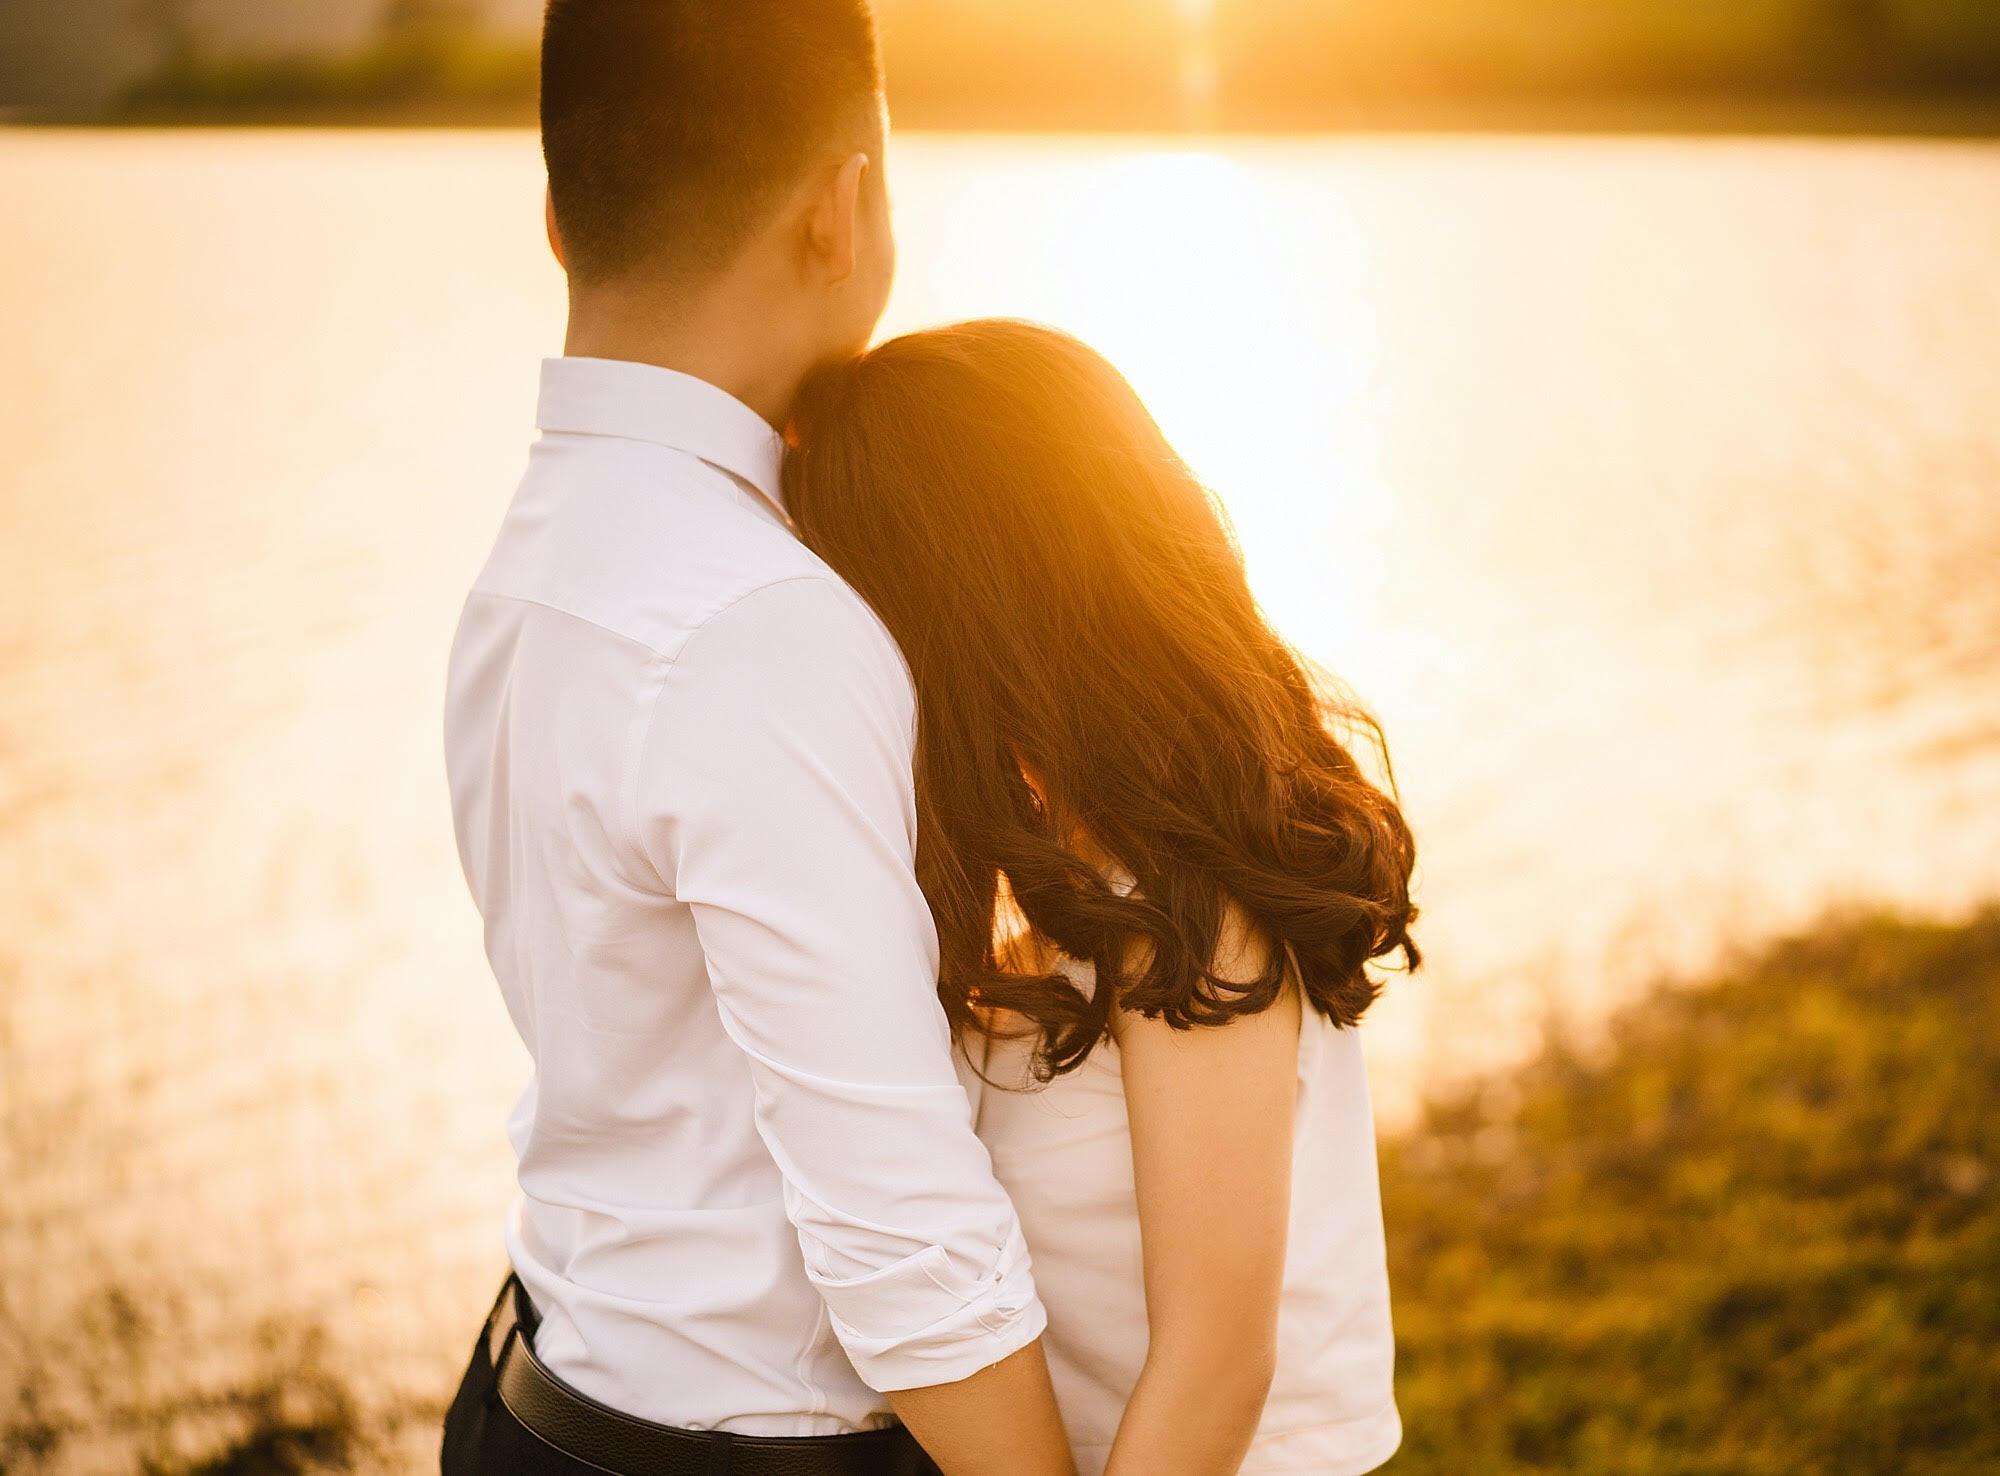 Romantic gestures for men